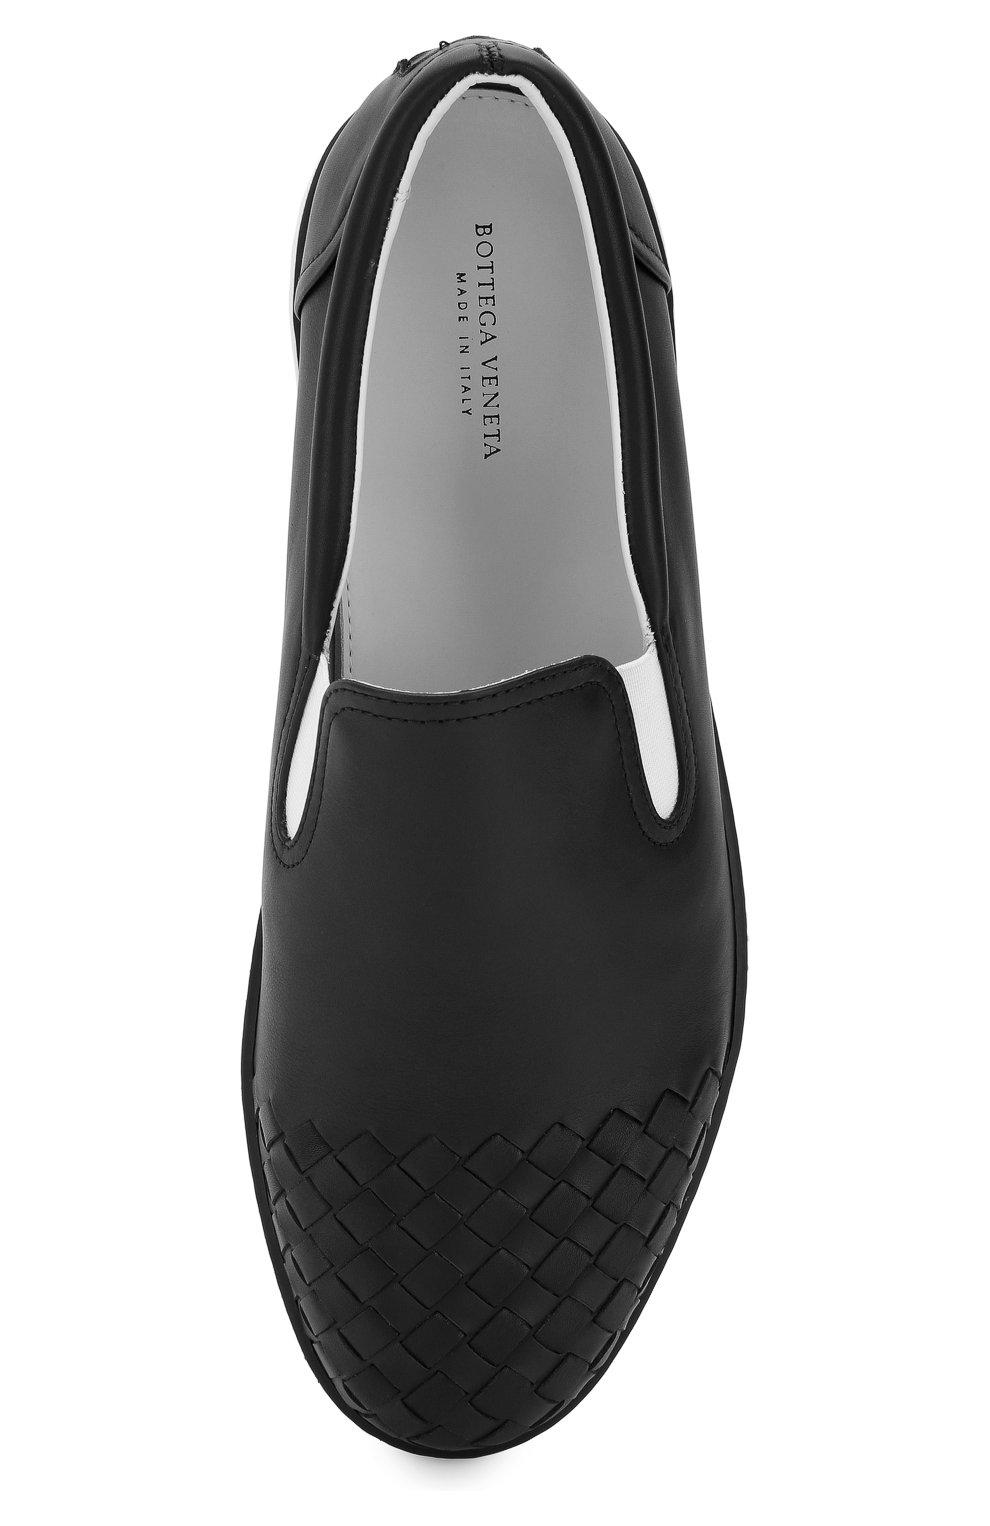 Мужские кожаные слипоны с плетением intrecciato BOTTEGA VENETA черного цвета, арт. 427980/VT031 | Фото 5